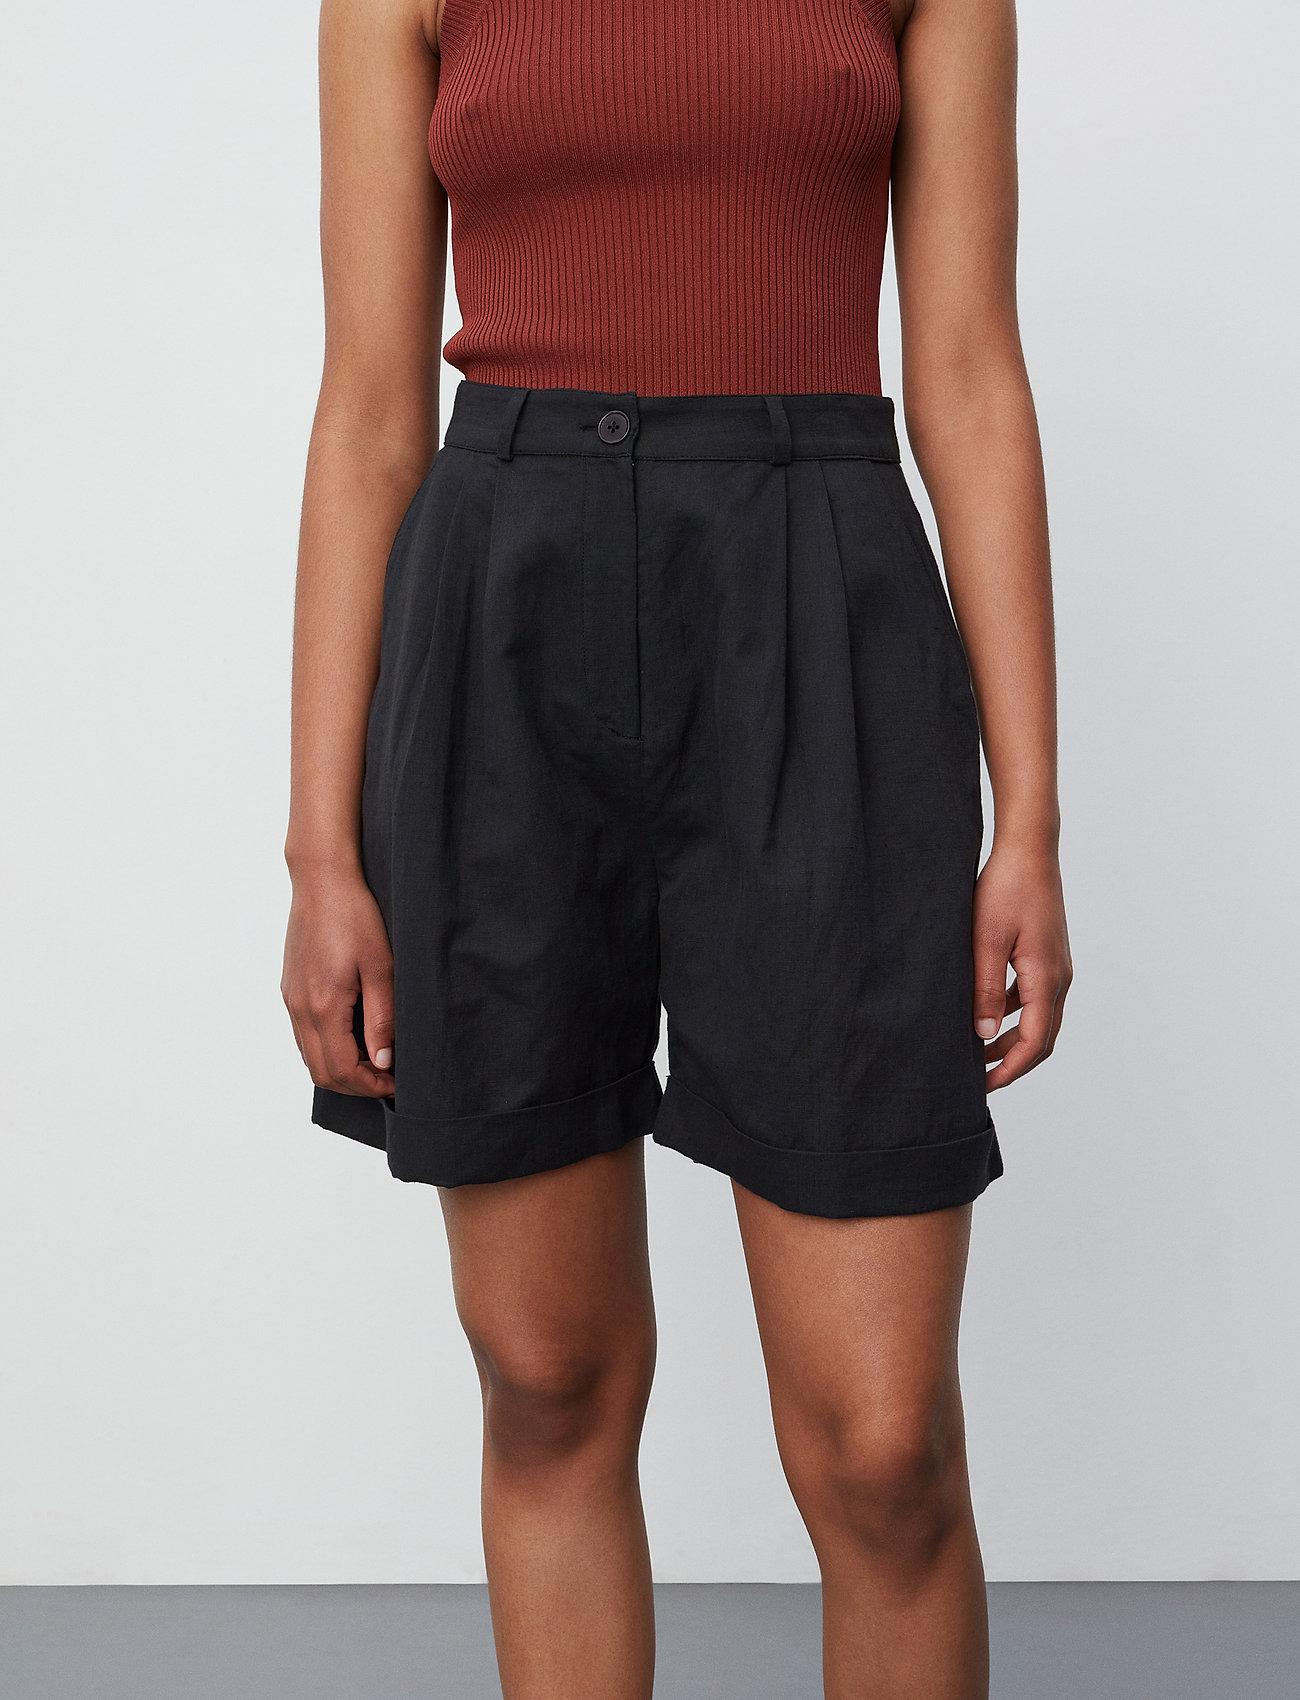 2NDDAY - 2ND Marisol - chino shorts - jet black - 0